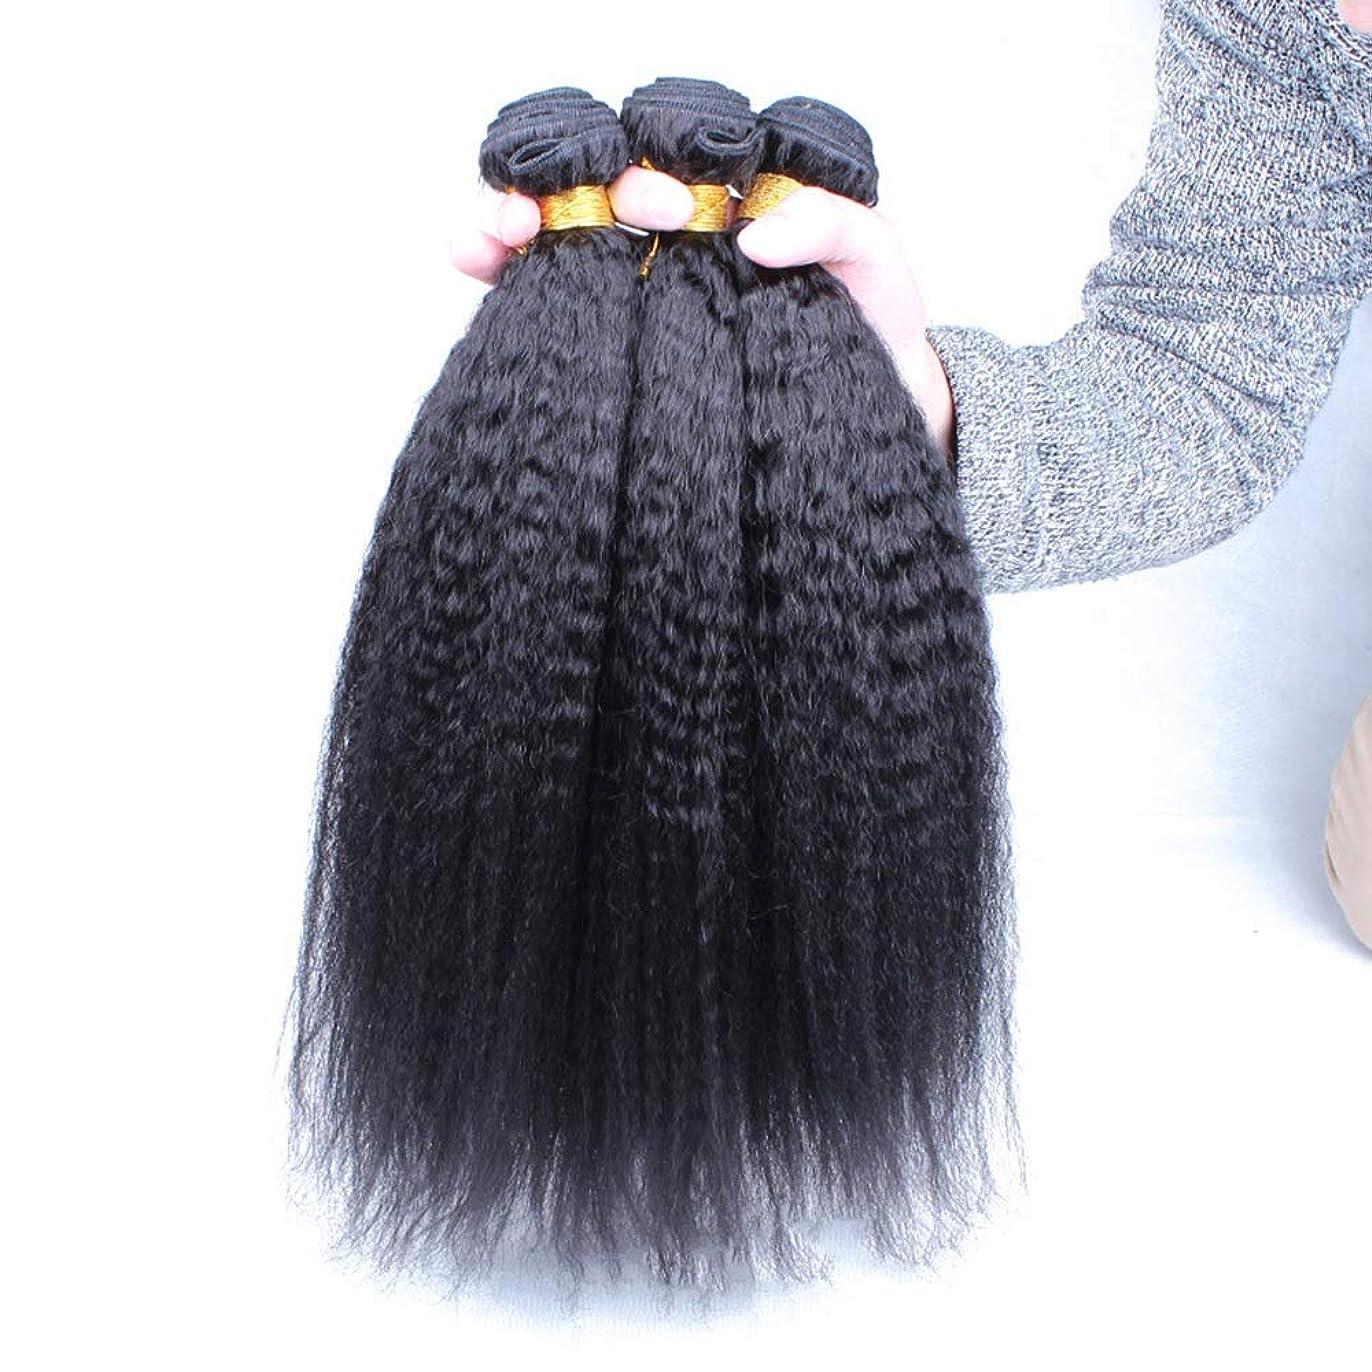 対象インシュレータ浴室Isikawan 焼きストレートヘア織り人毛100%エクステンションナチュラルブラックカラー(10インチ-24インチ)ブラジル人変態ストレート人間の髪の毛の束 (色 : ブラック, サイズ : 20 inch)